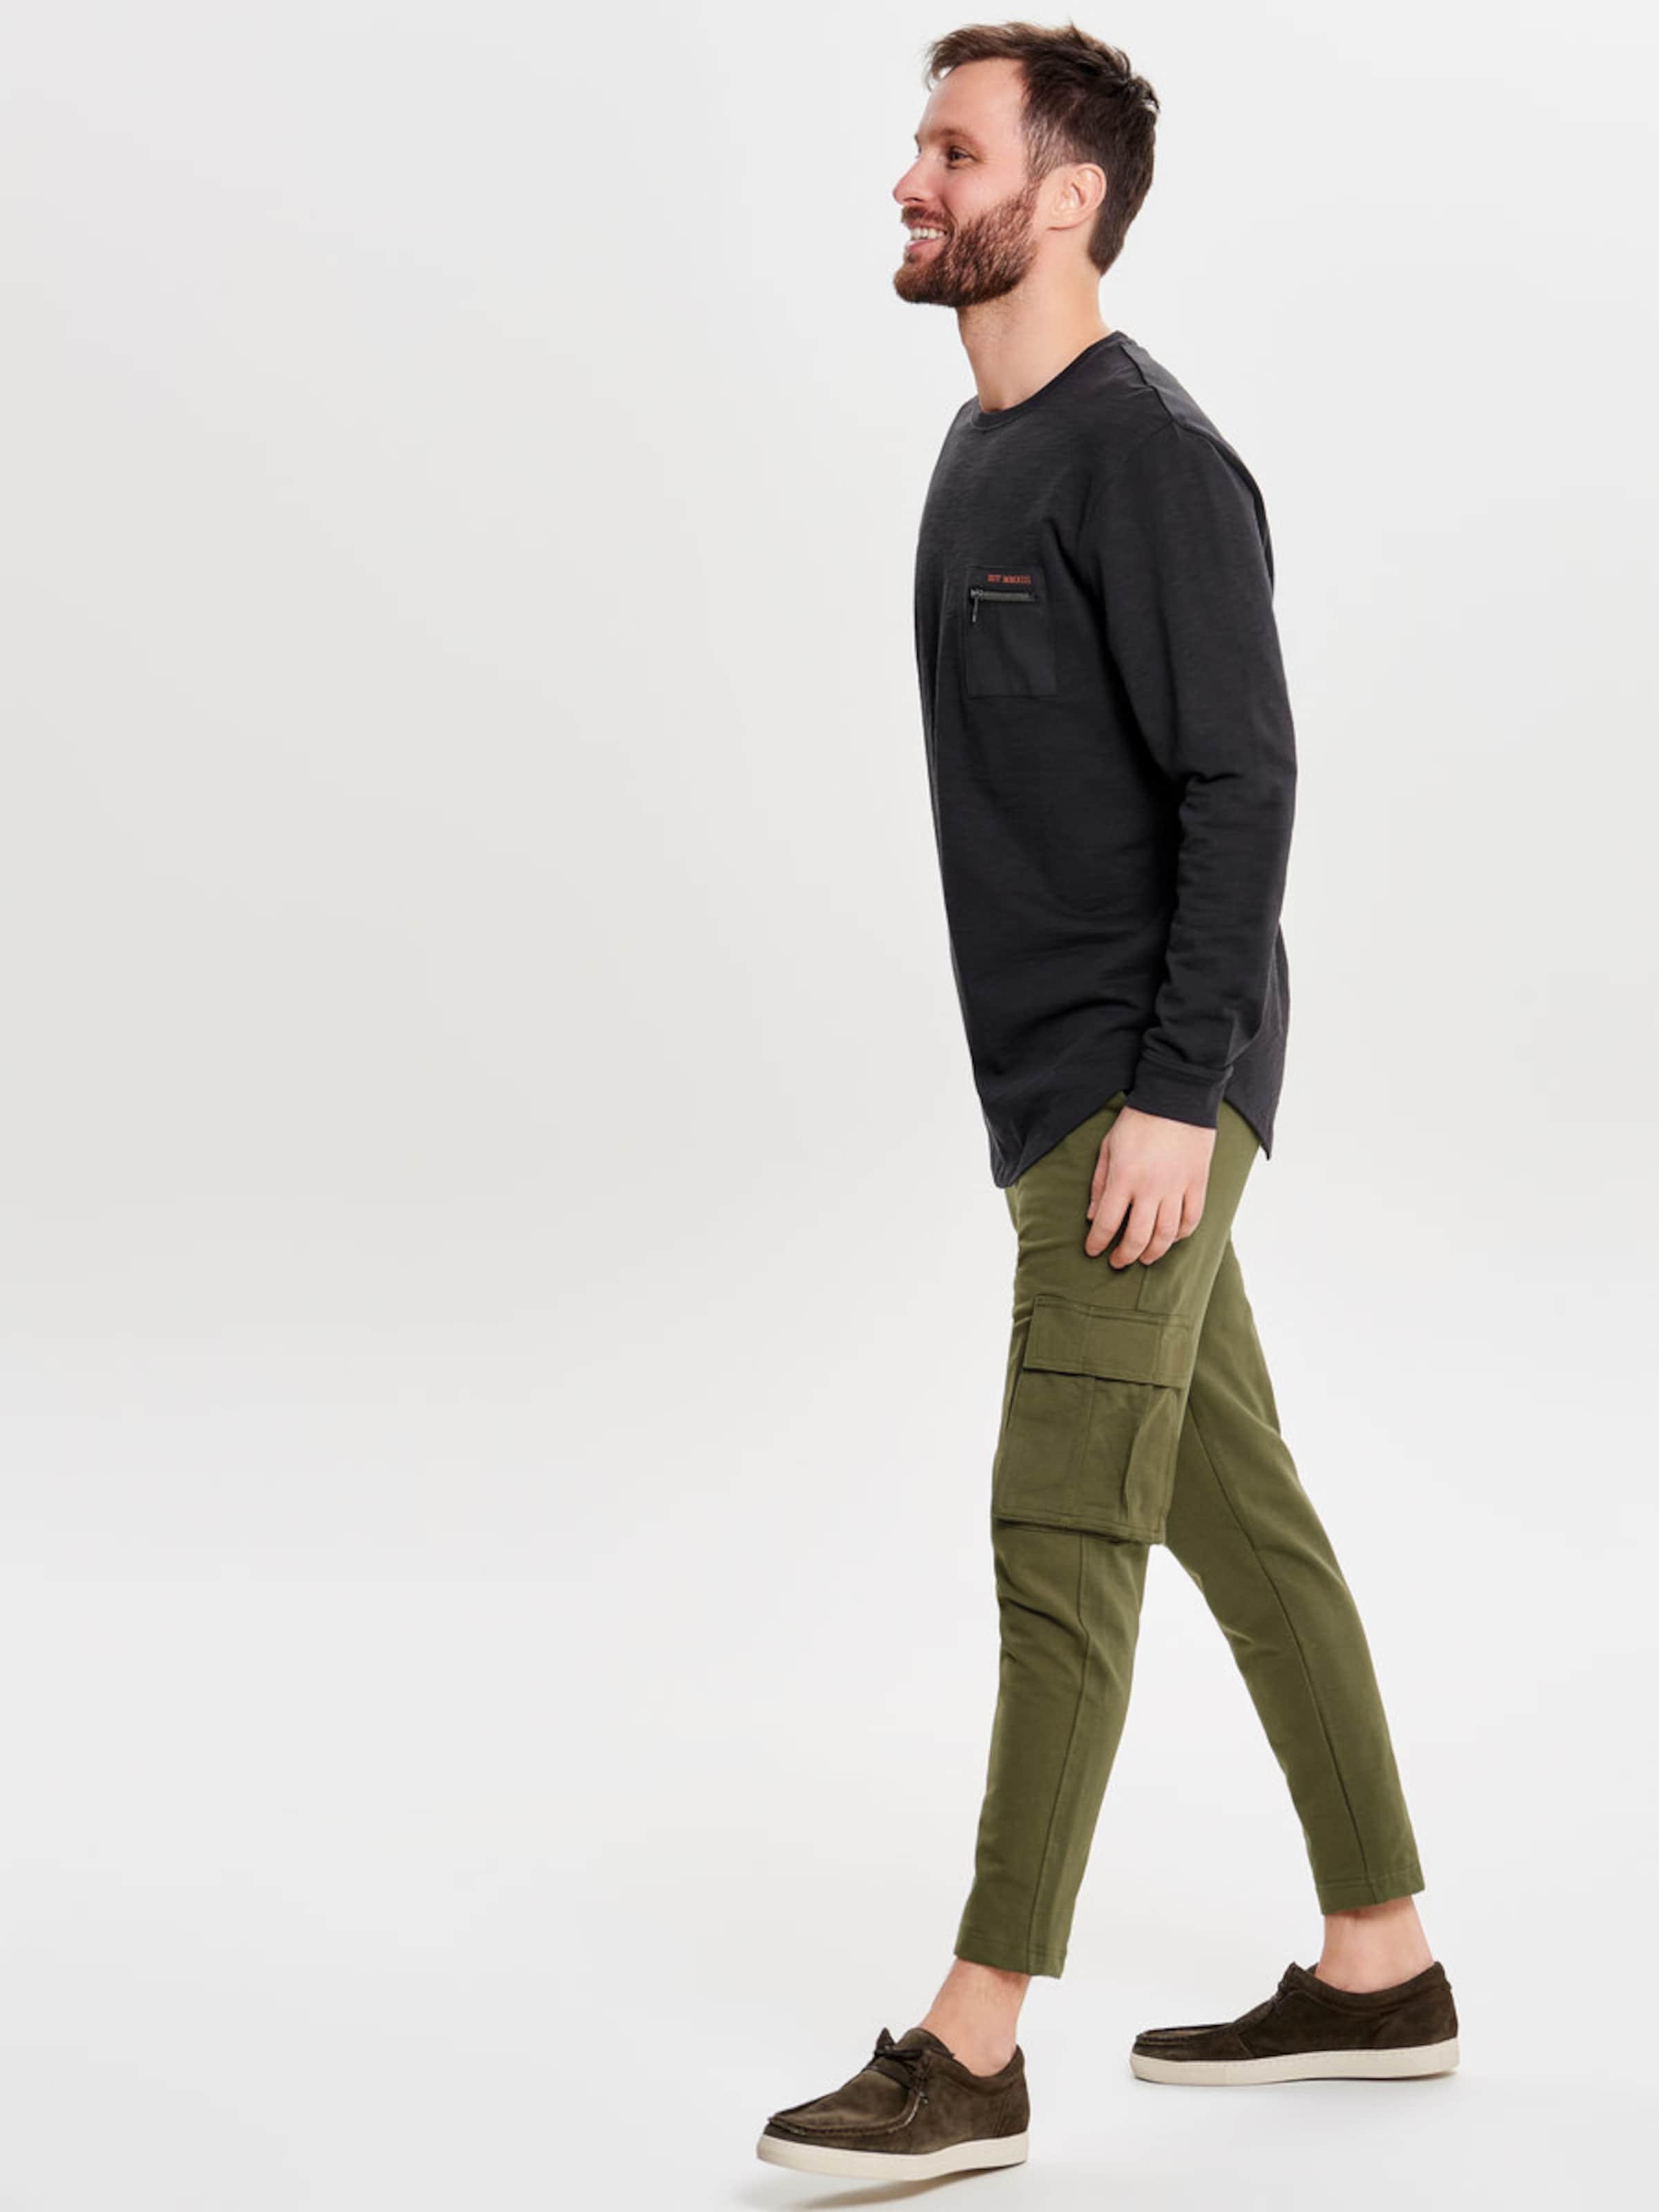 Spielraum Billig Auslass Visa Zahlung Only & Sons Detailliertes Sweatshirt Billig Verkaufen Hochwertige Freies Verschiffen Beliebt Billige Neue Stile qUAomgb0